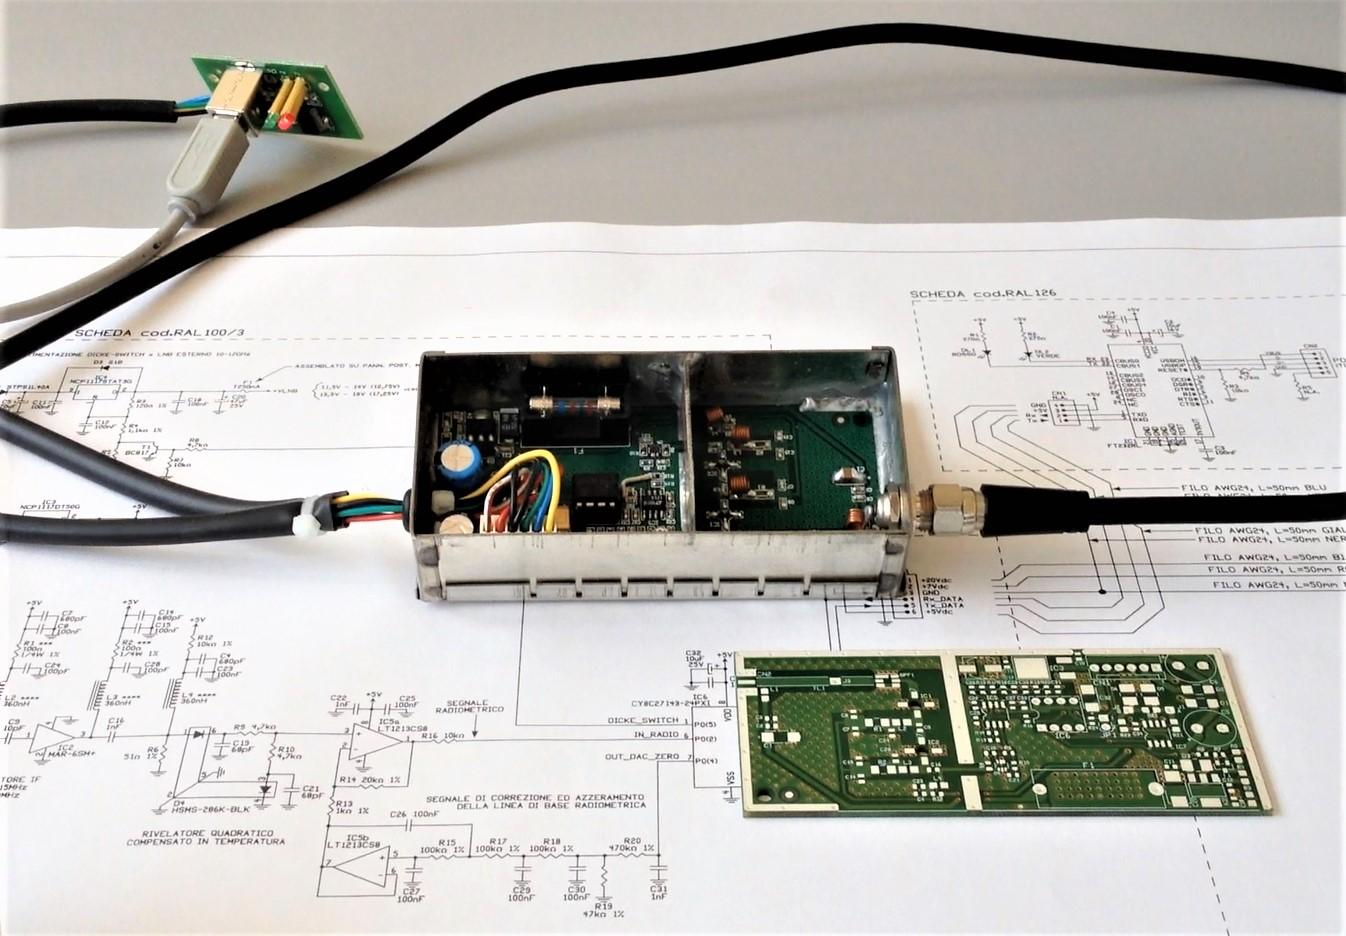 Modulo radiometrico microRAL10 di RadioAstroLab